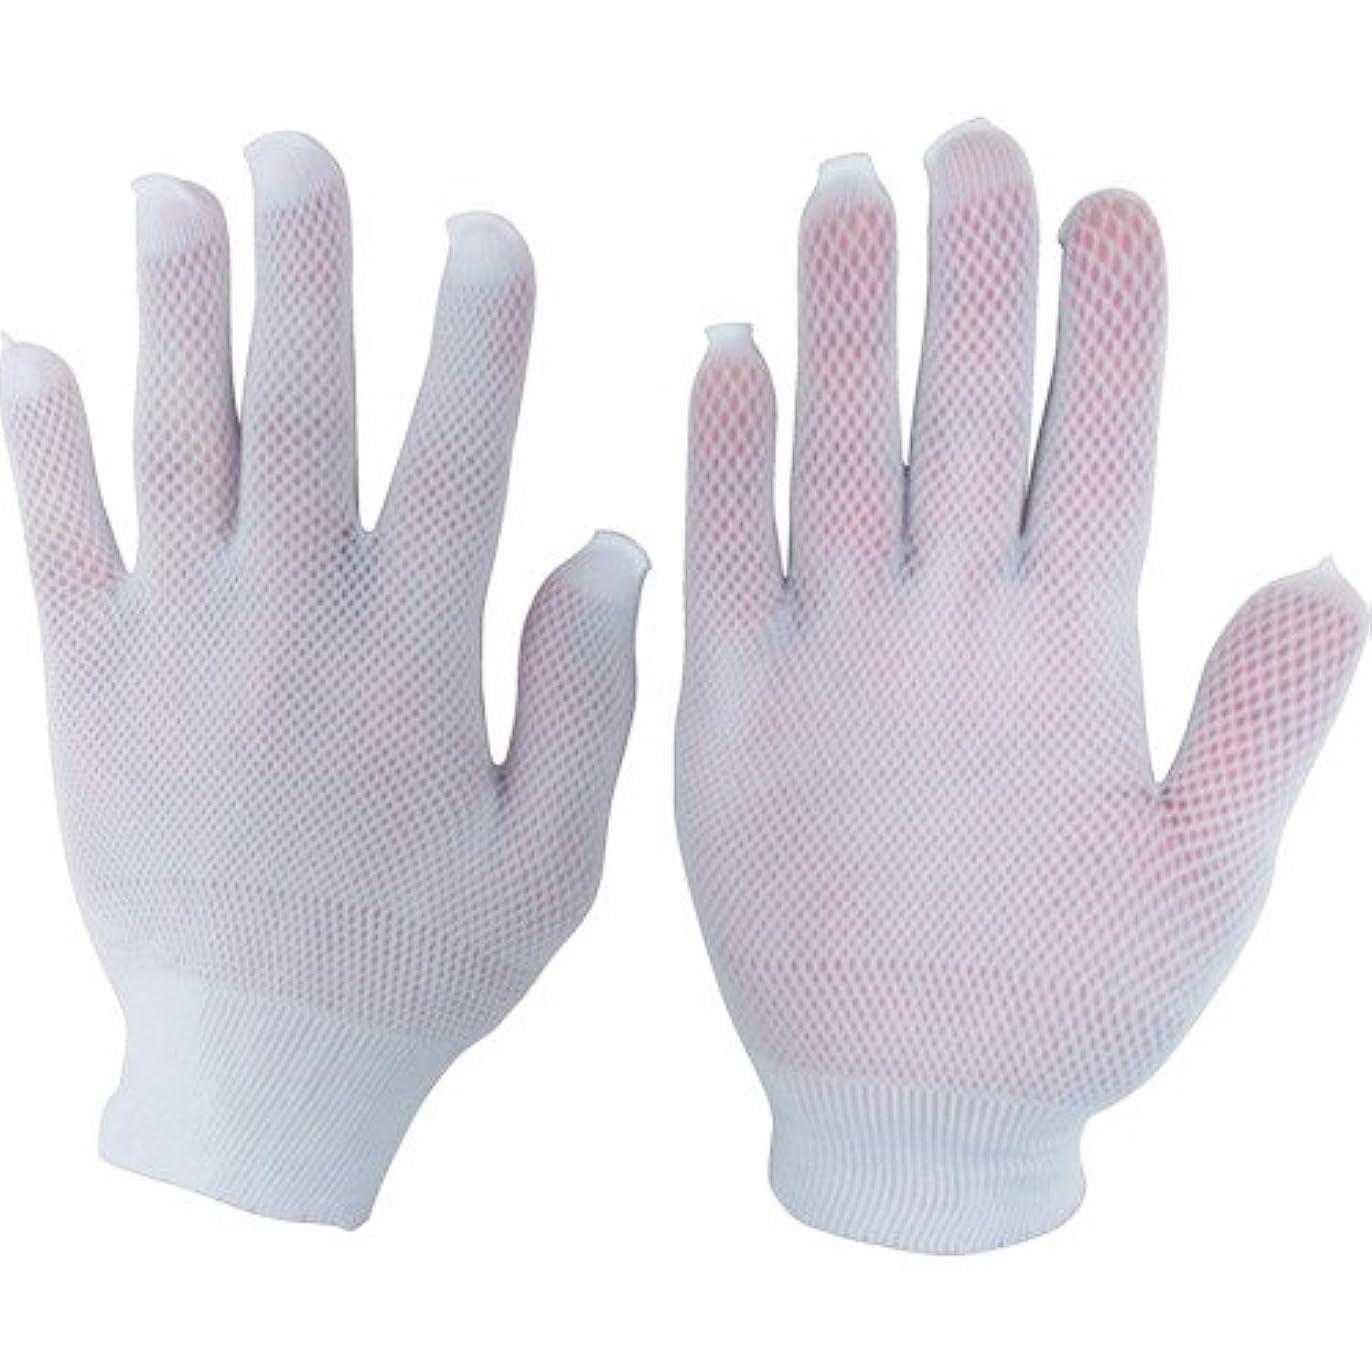 平均ガイダンスあそこクイン やわらかメッシュインナー手袋